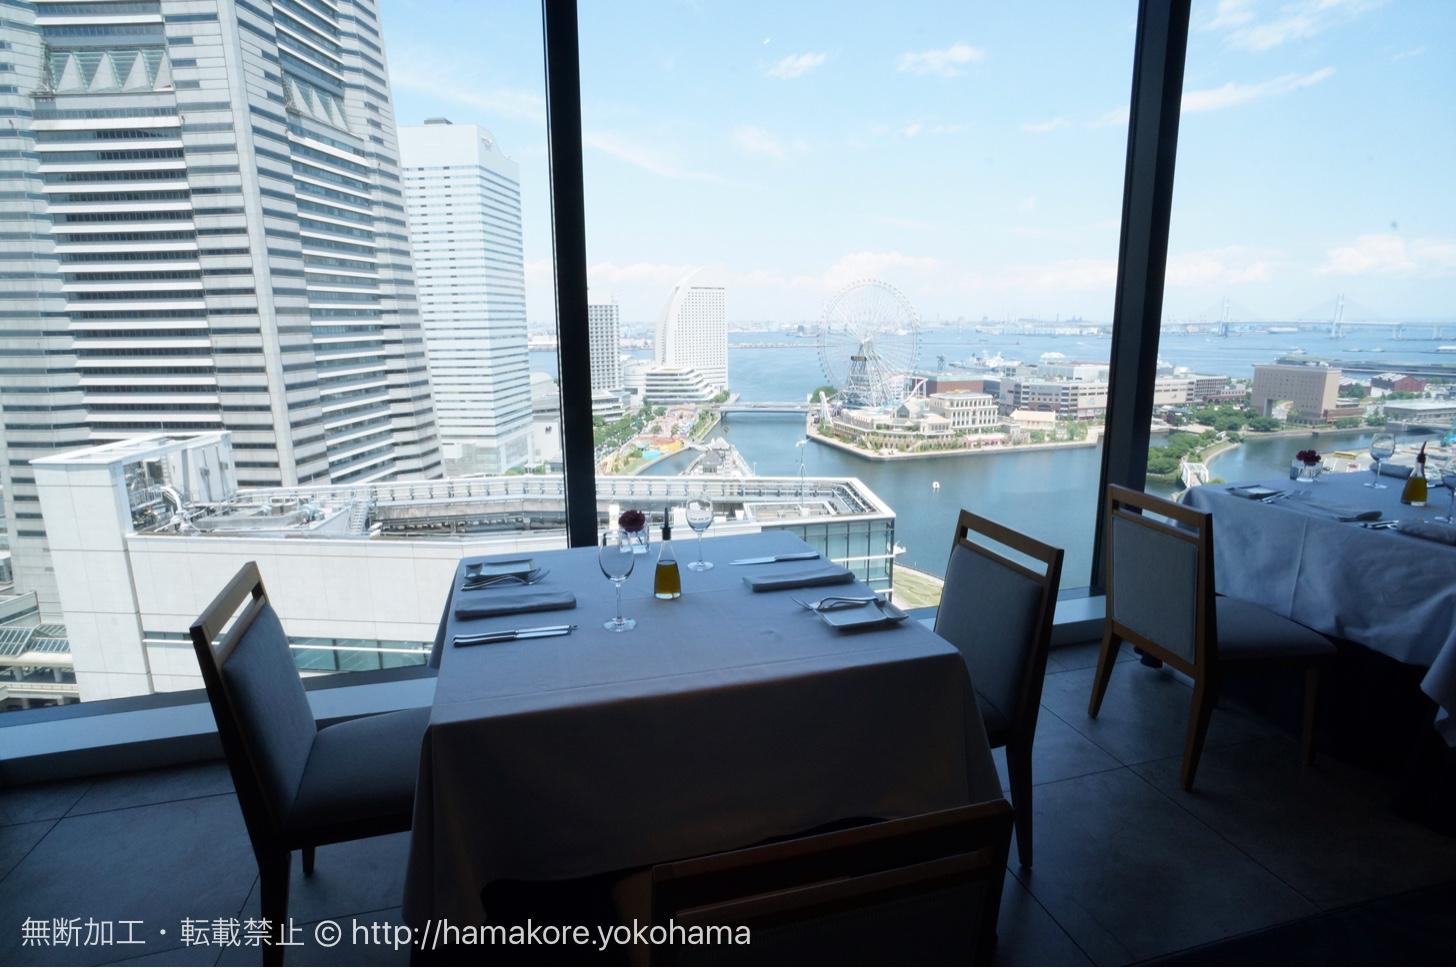 横浜モノリス 窓側の席